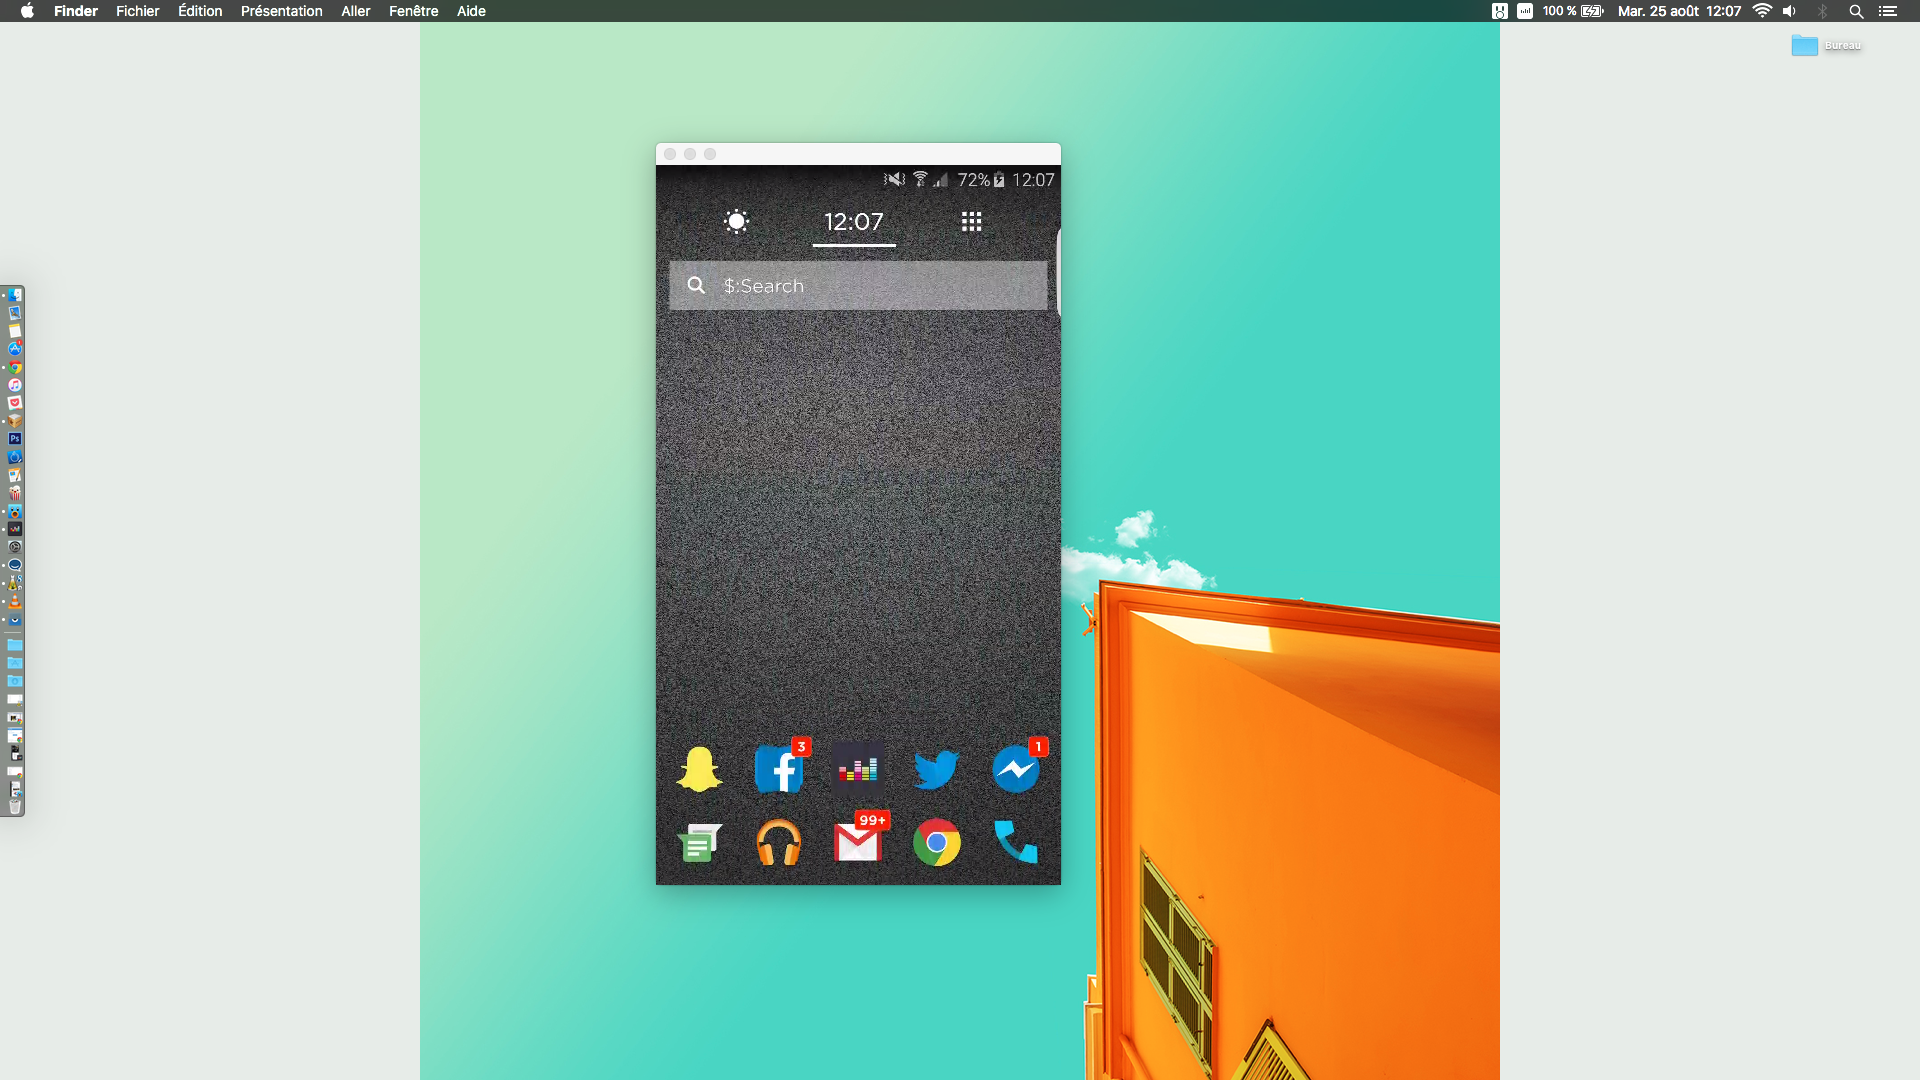 vysor une extension chrome pour afficher l 39 cran d 39 un smartphone sur un ordinateur frandroid. Black Bedroom Furniture Sets. Home Design Ideas